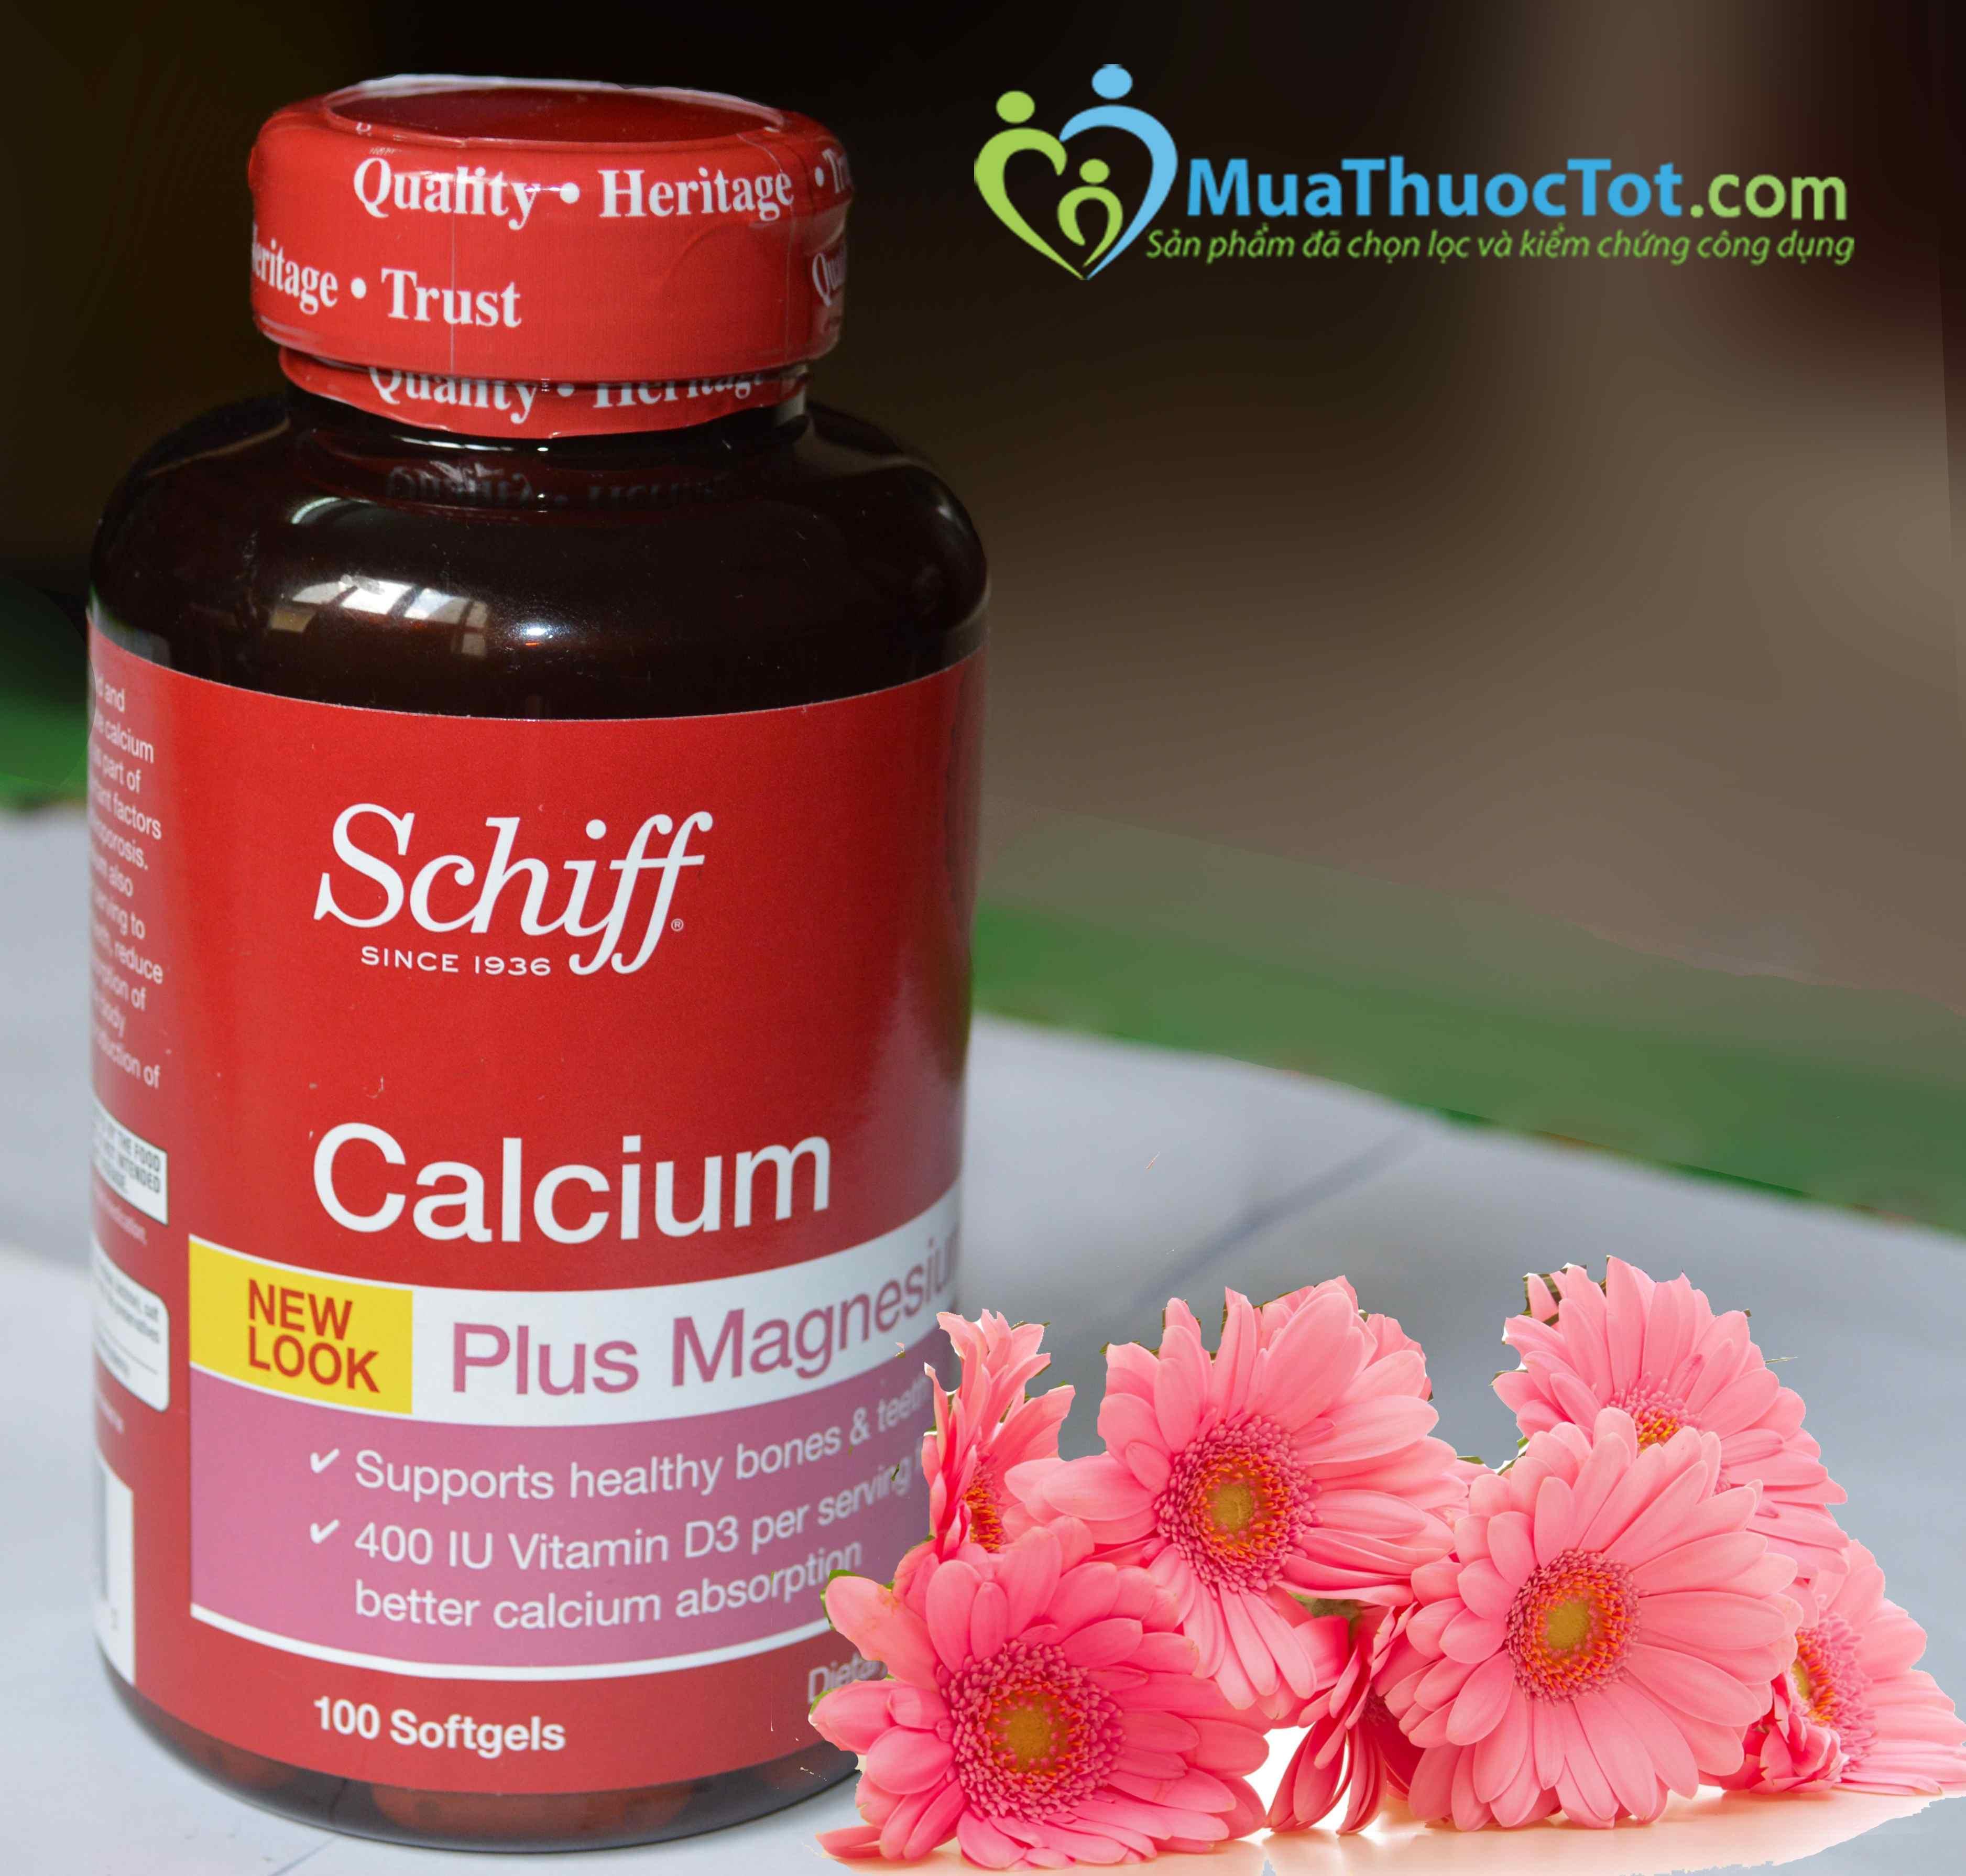 Uống 2 viên Schiff Calcium để bổ sung canxi